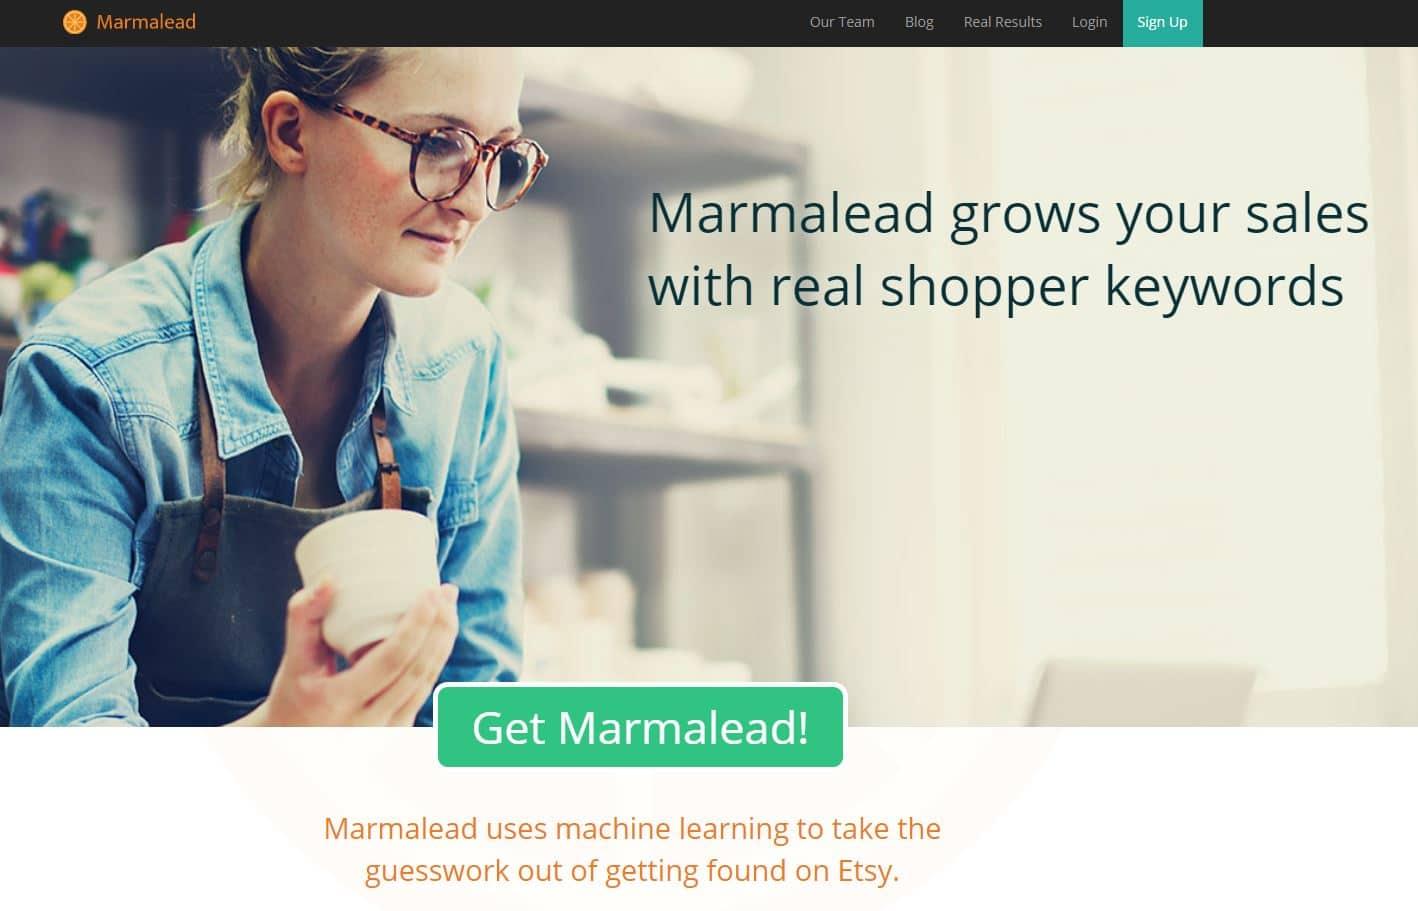 marmalead etsy keyword tool